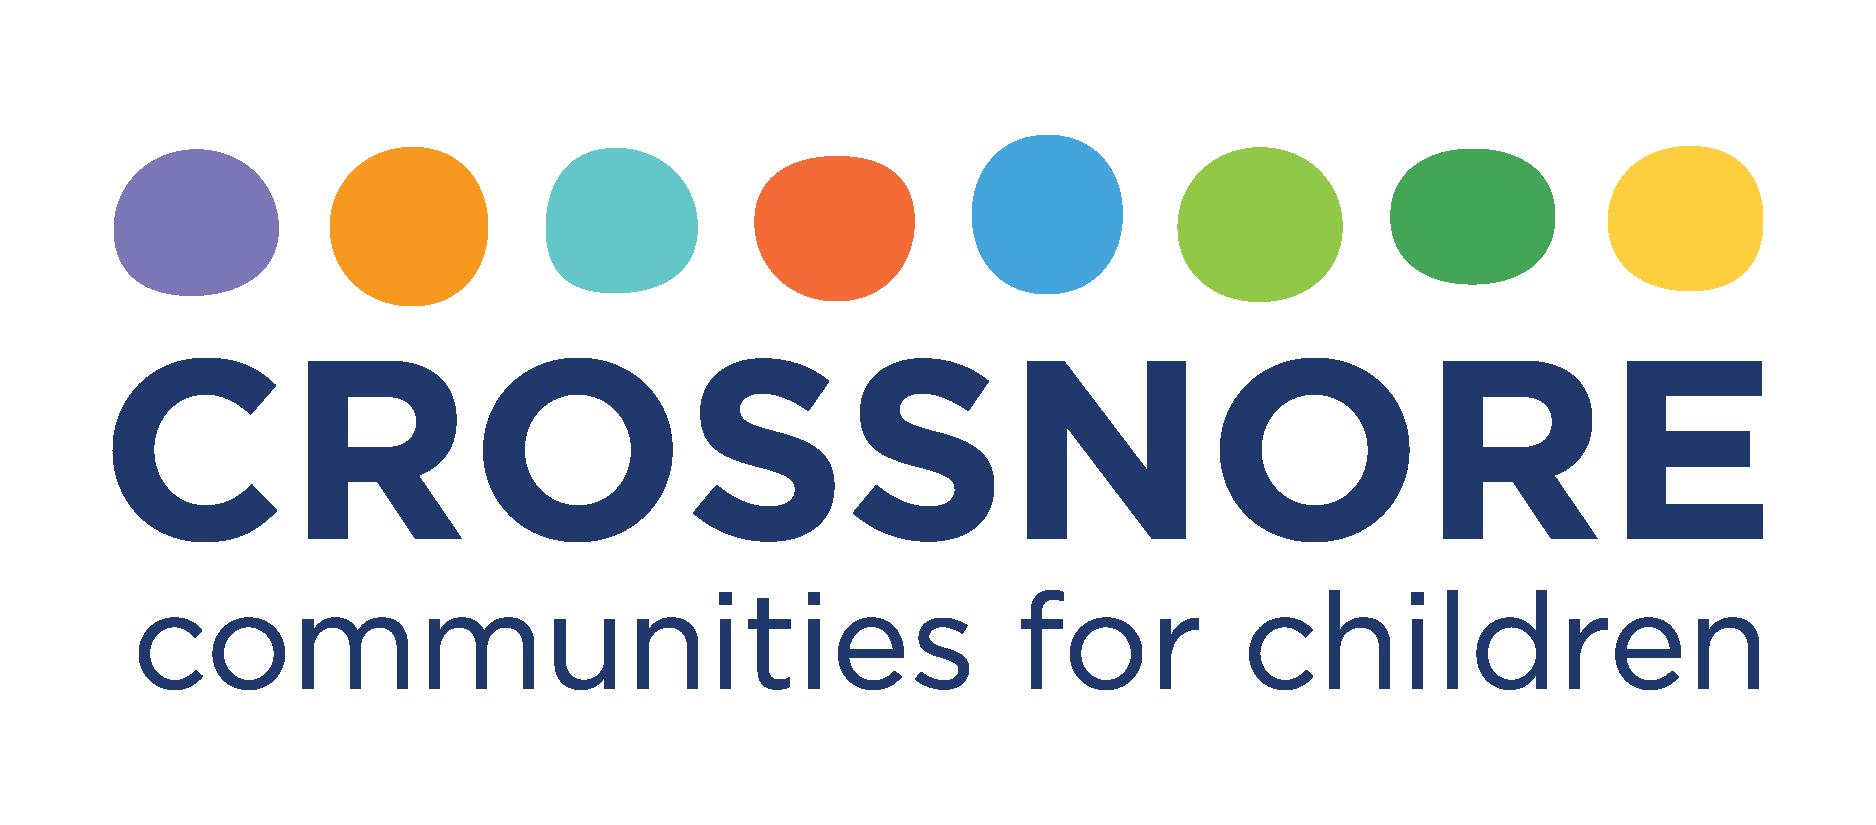 Crossnore Communities for Children logo